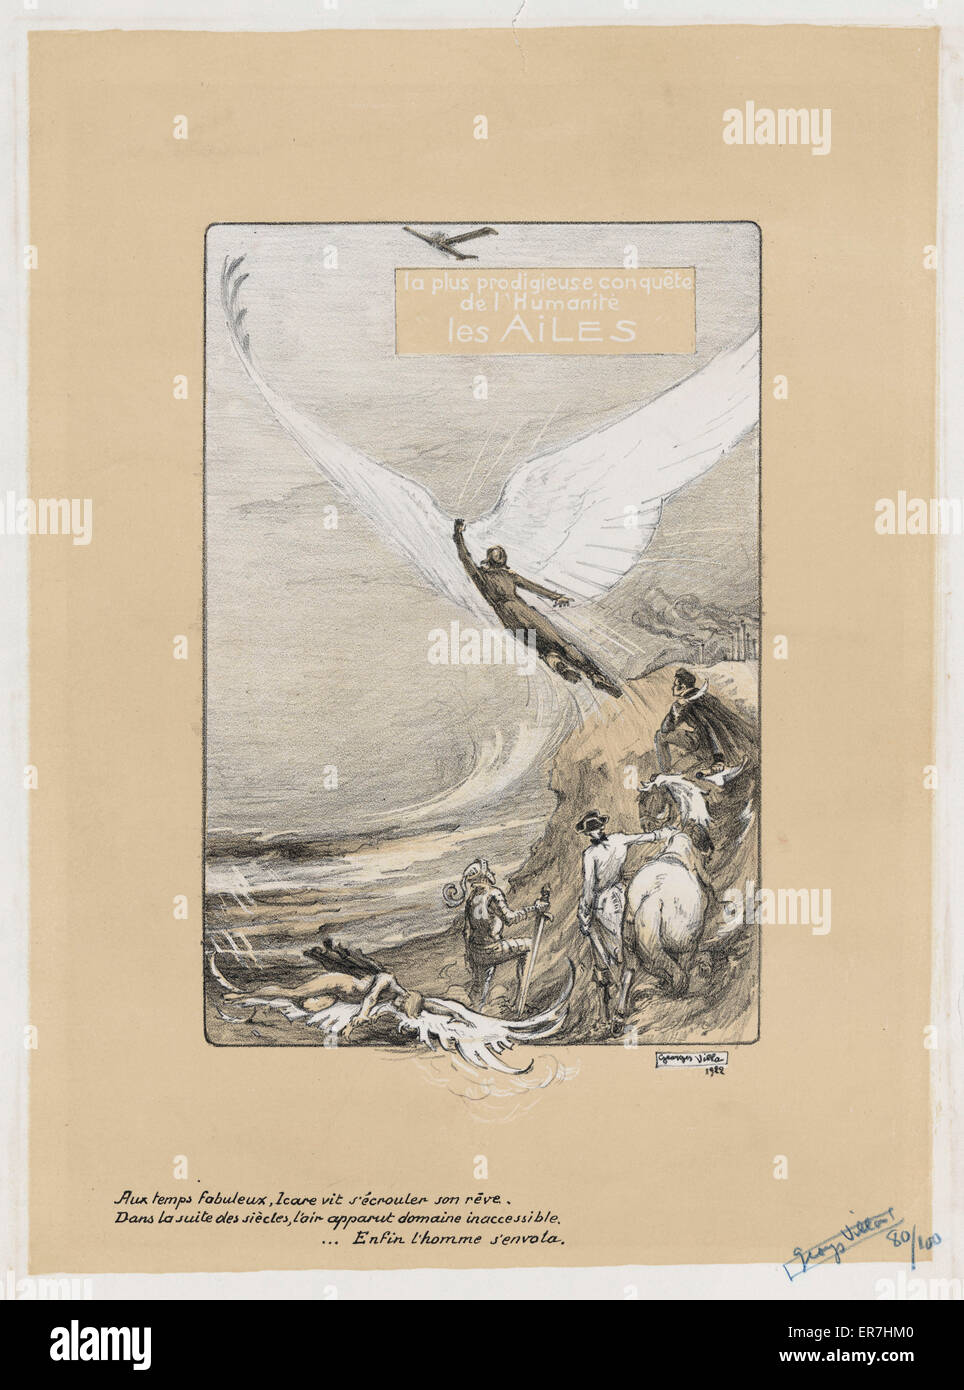 La plus prodigieuse conquete de l'humanite, les ailes. Print shows a fallen winged figure, other figures in - Stock Image